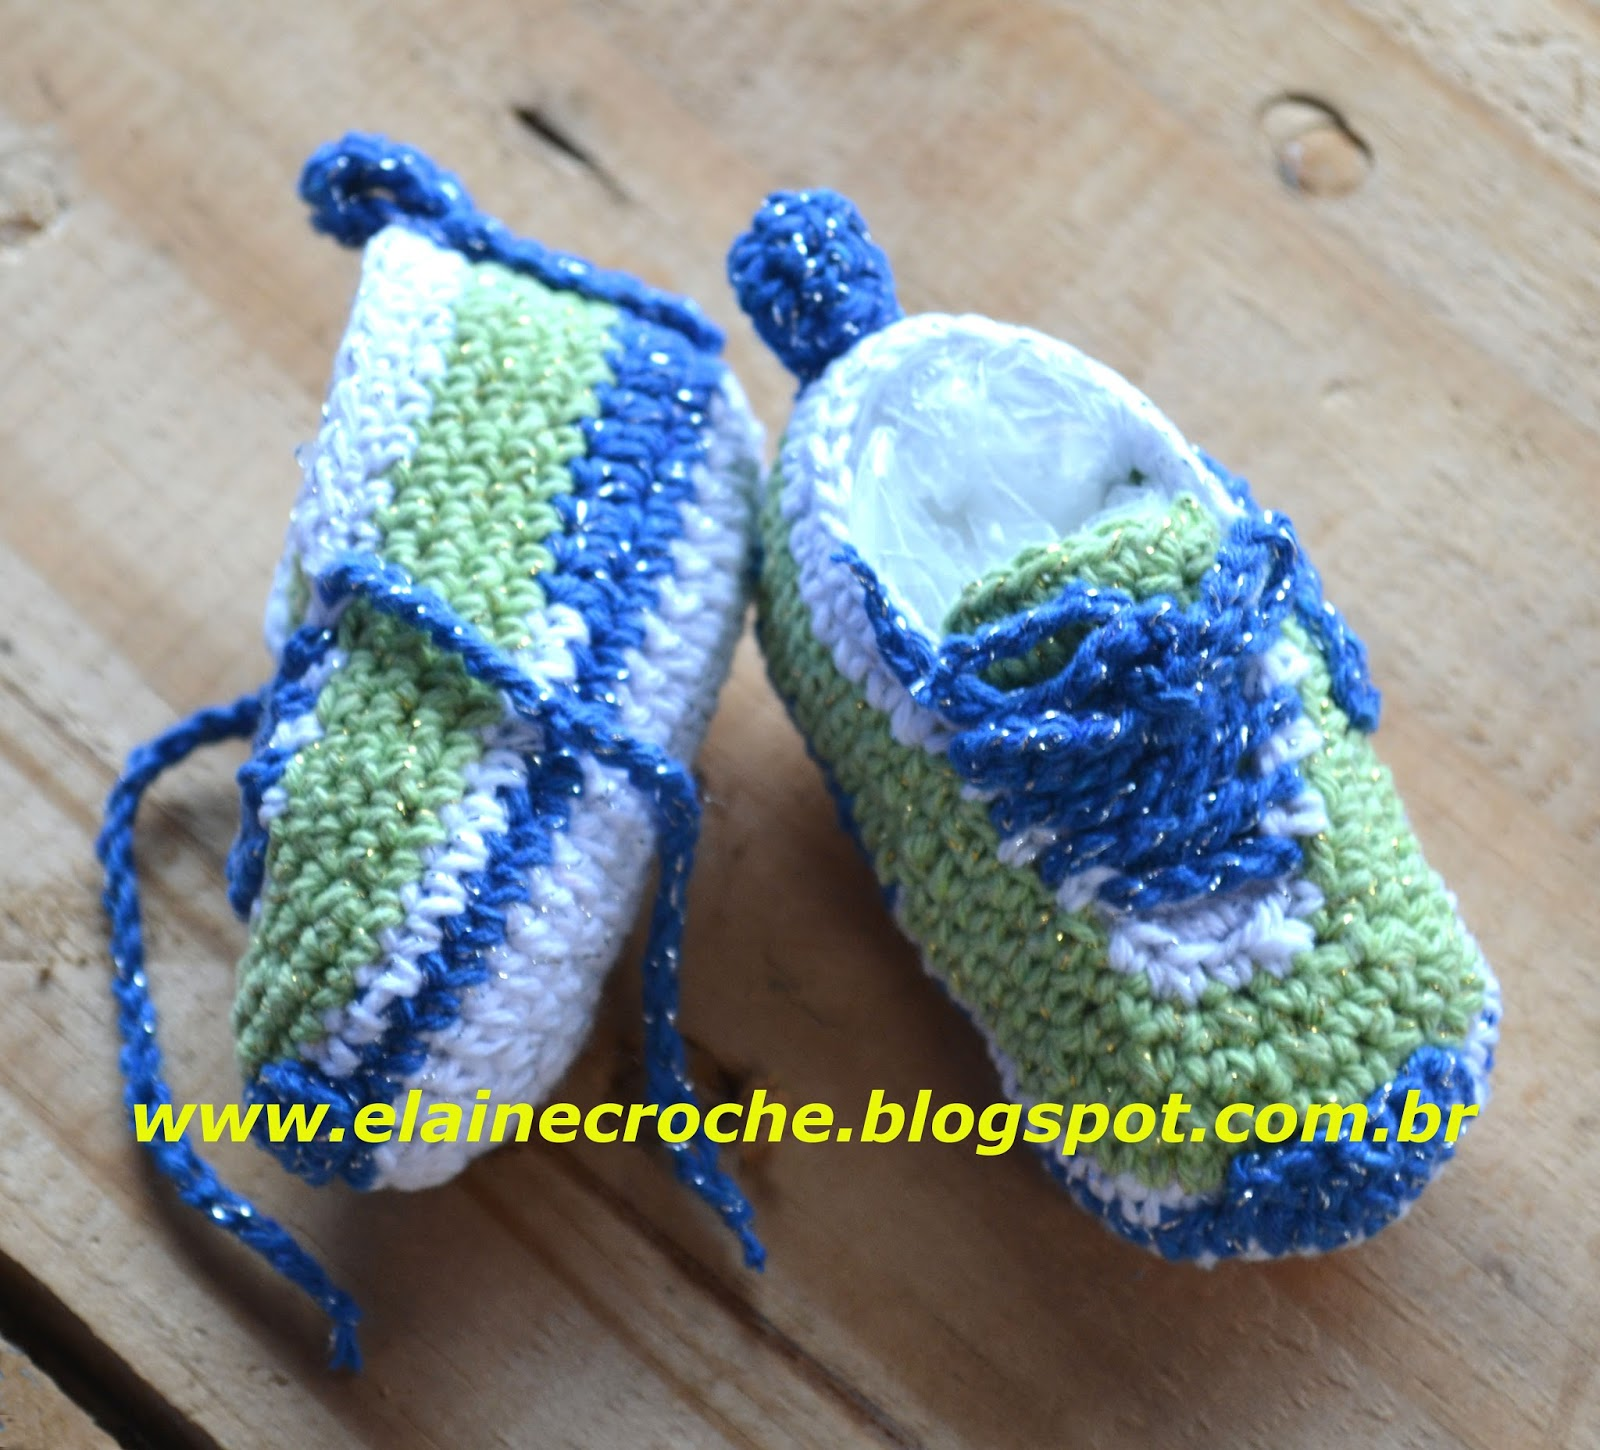 f2ec49dce Elaine Croche  Tênis Nike Bebê em Crochê - Vídeo Aula Crochê